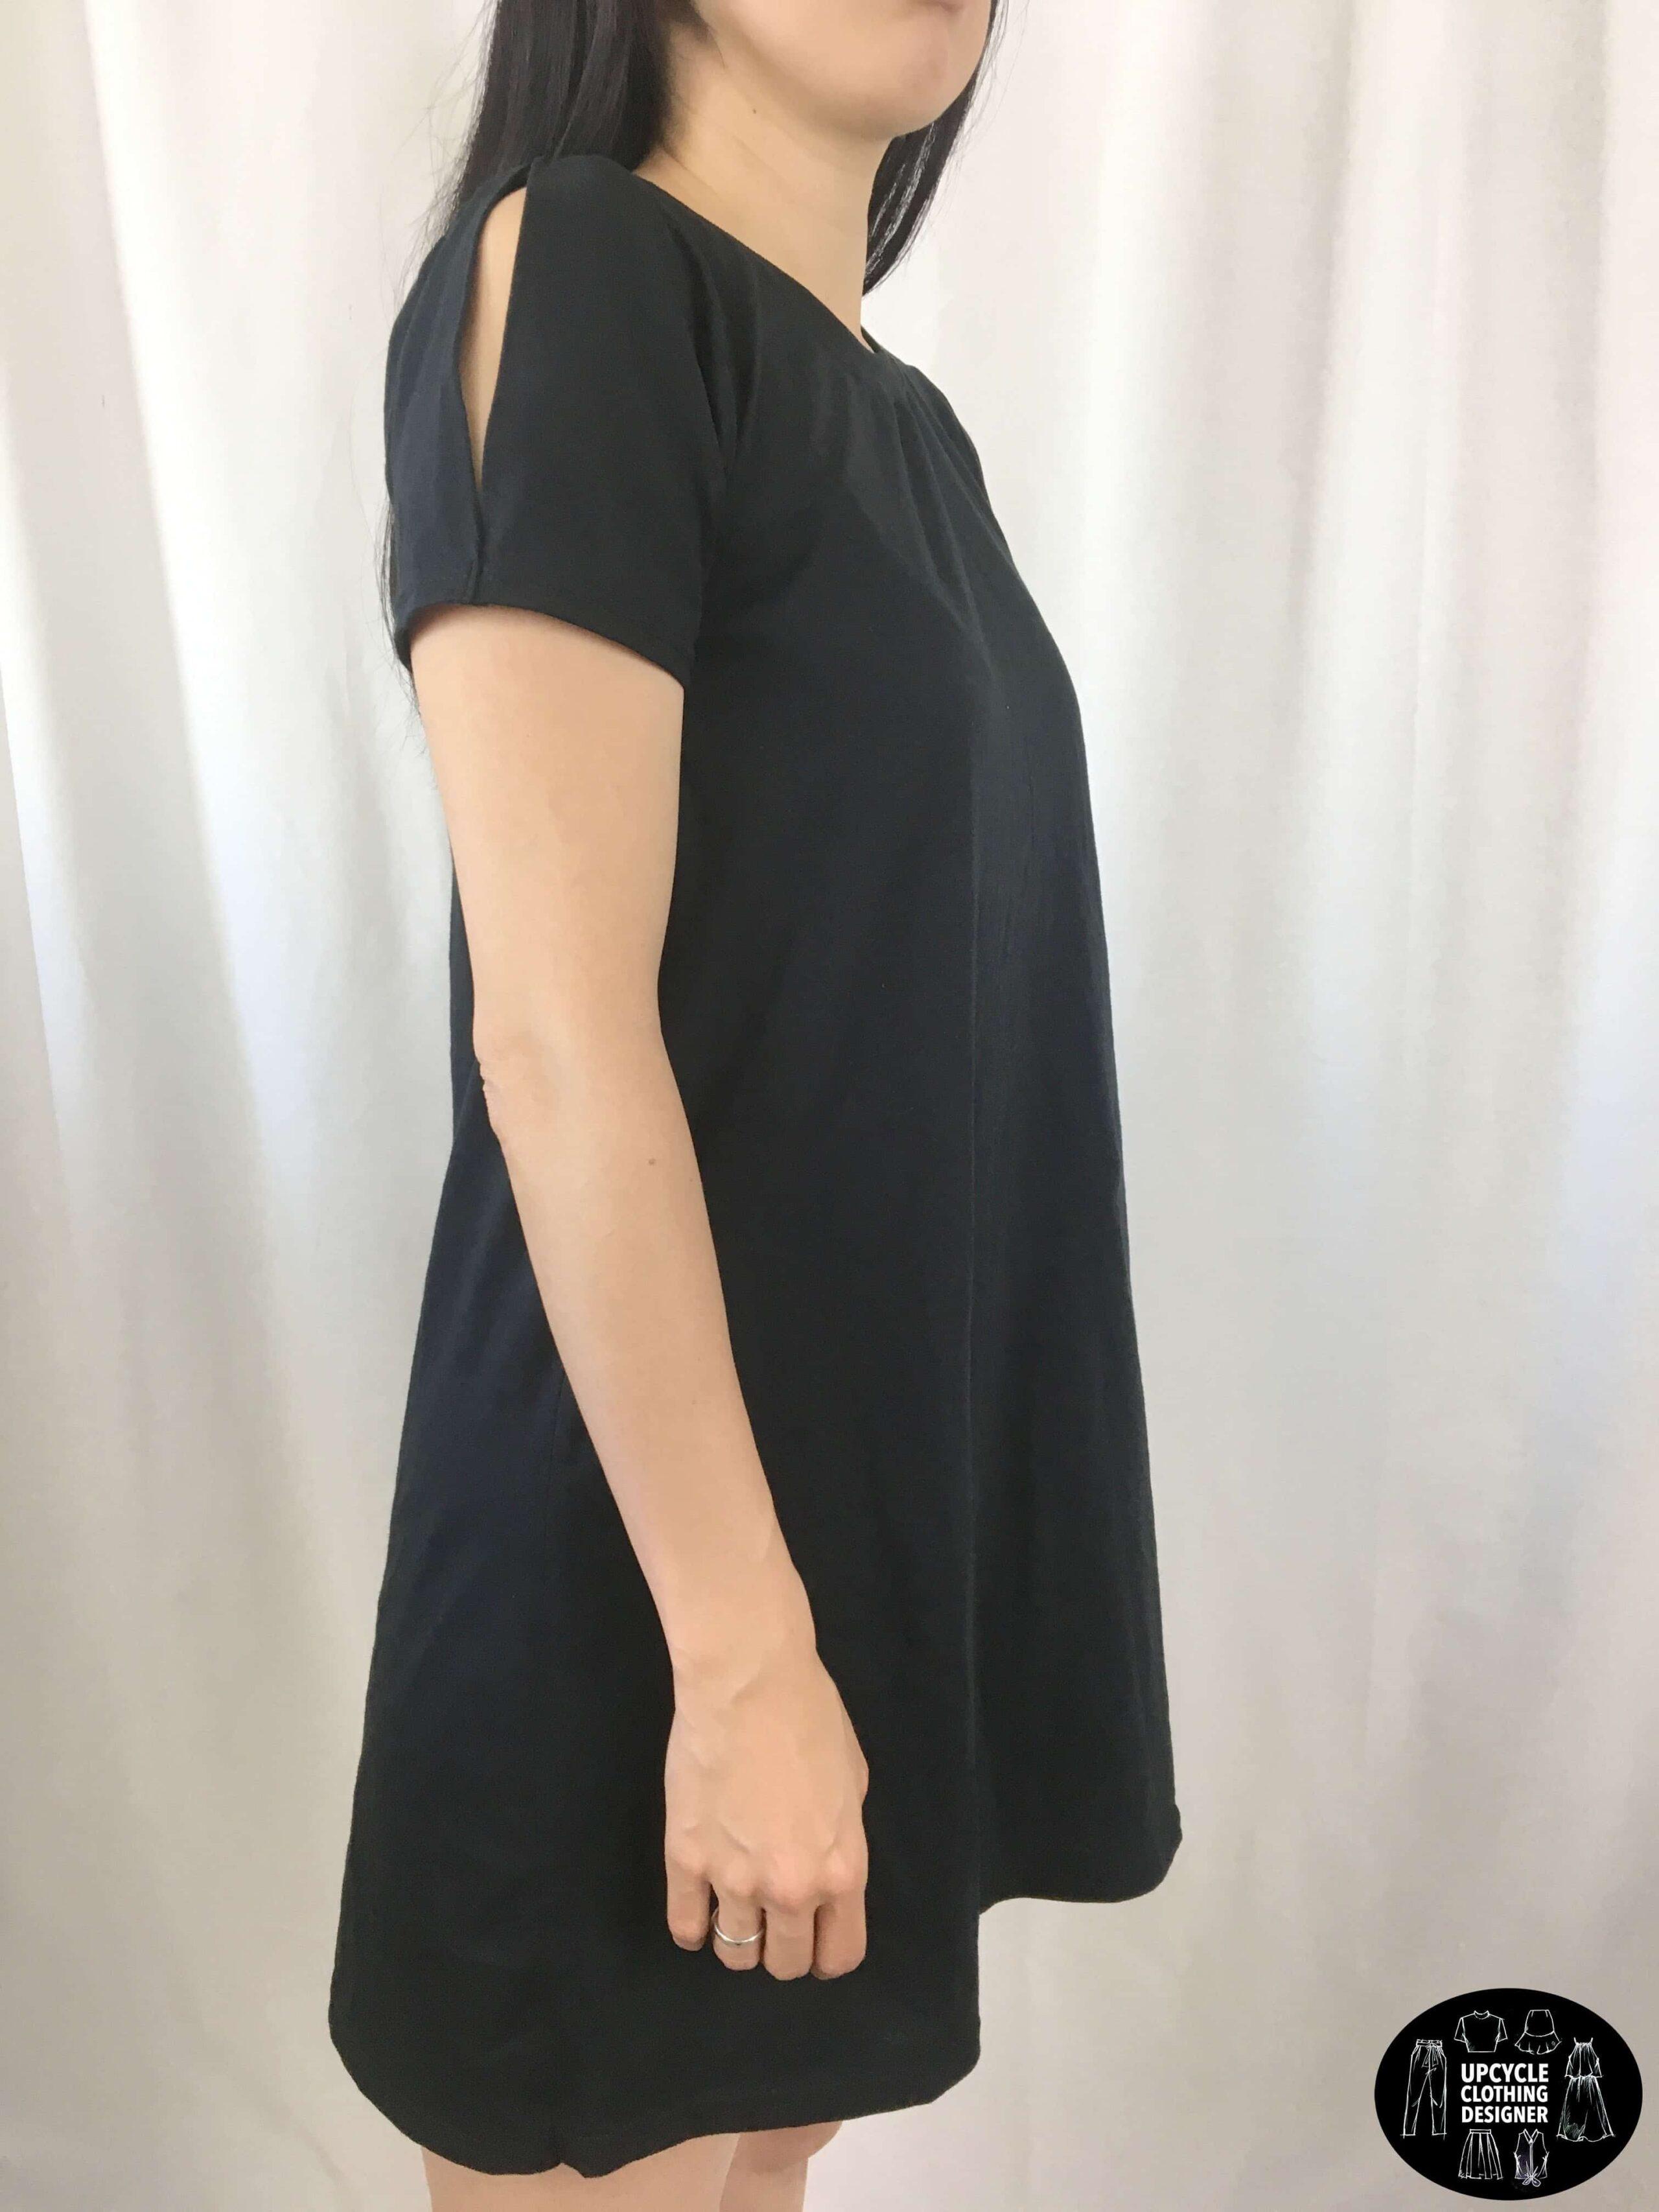 DIY cold shoulder t-shirt dress sideview